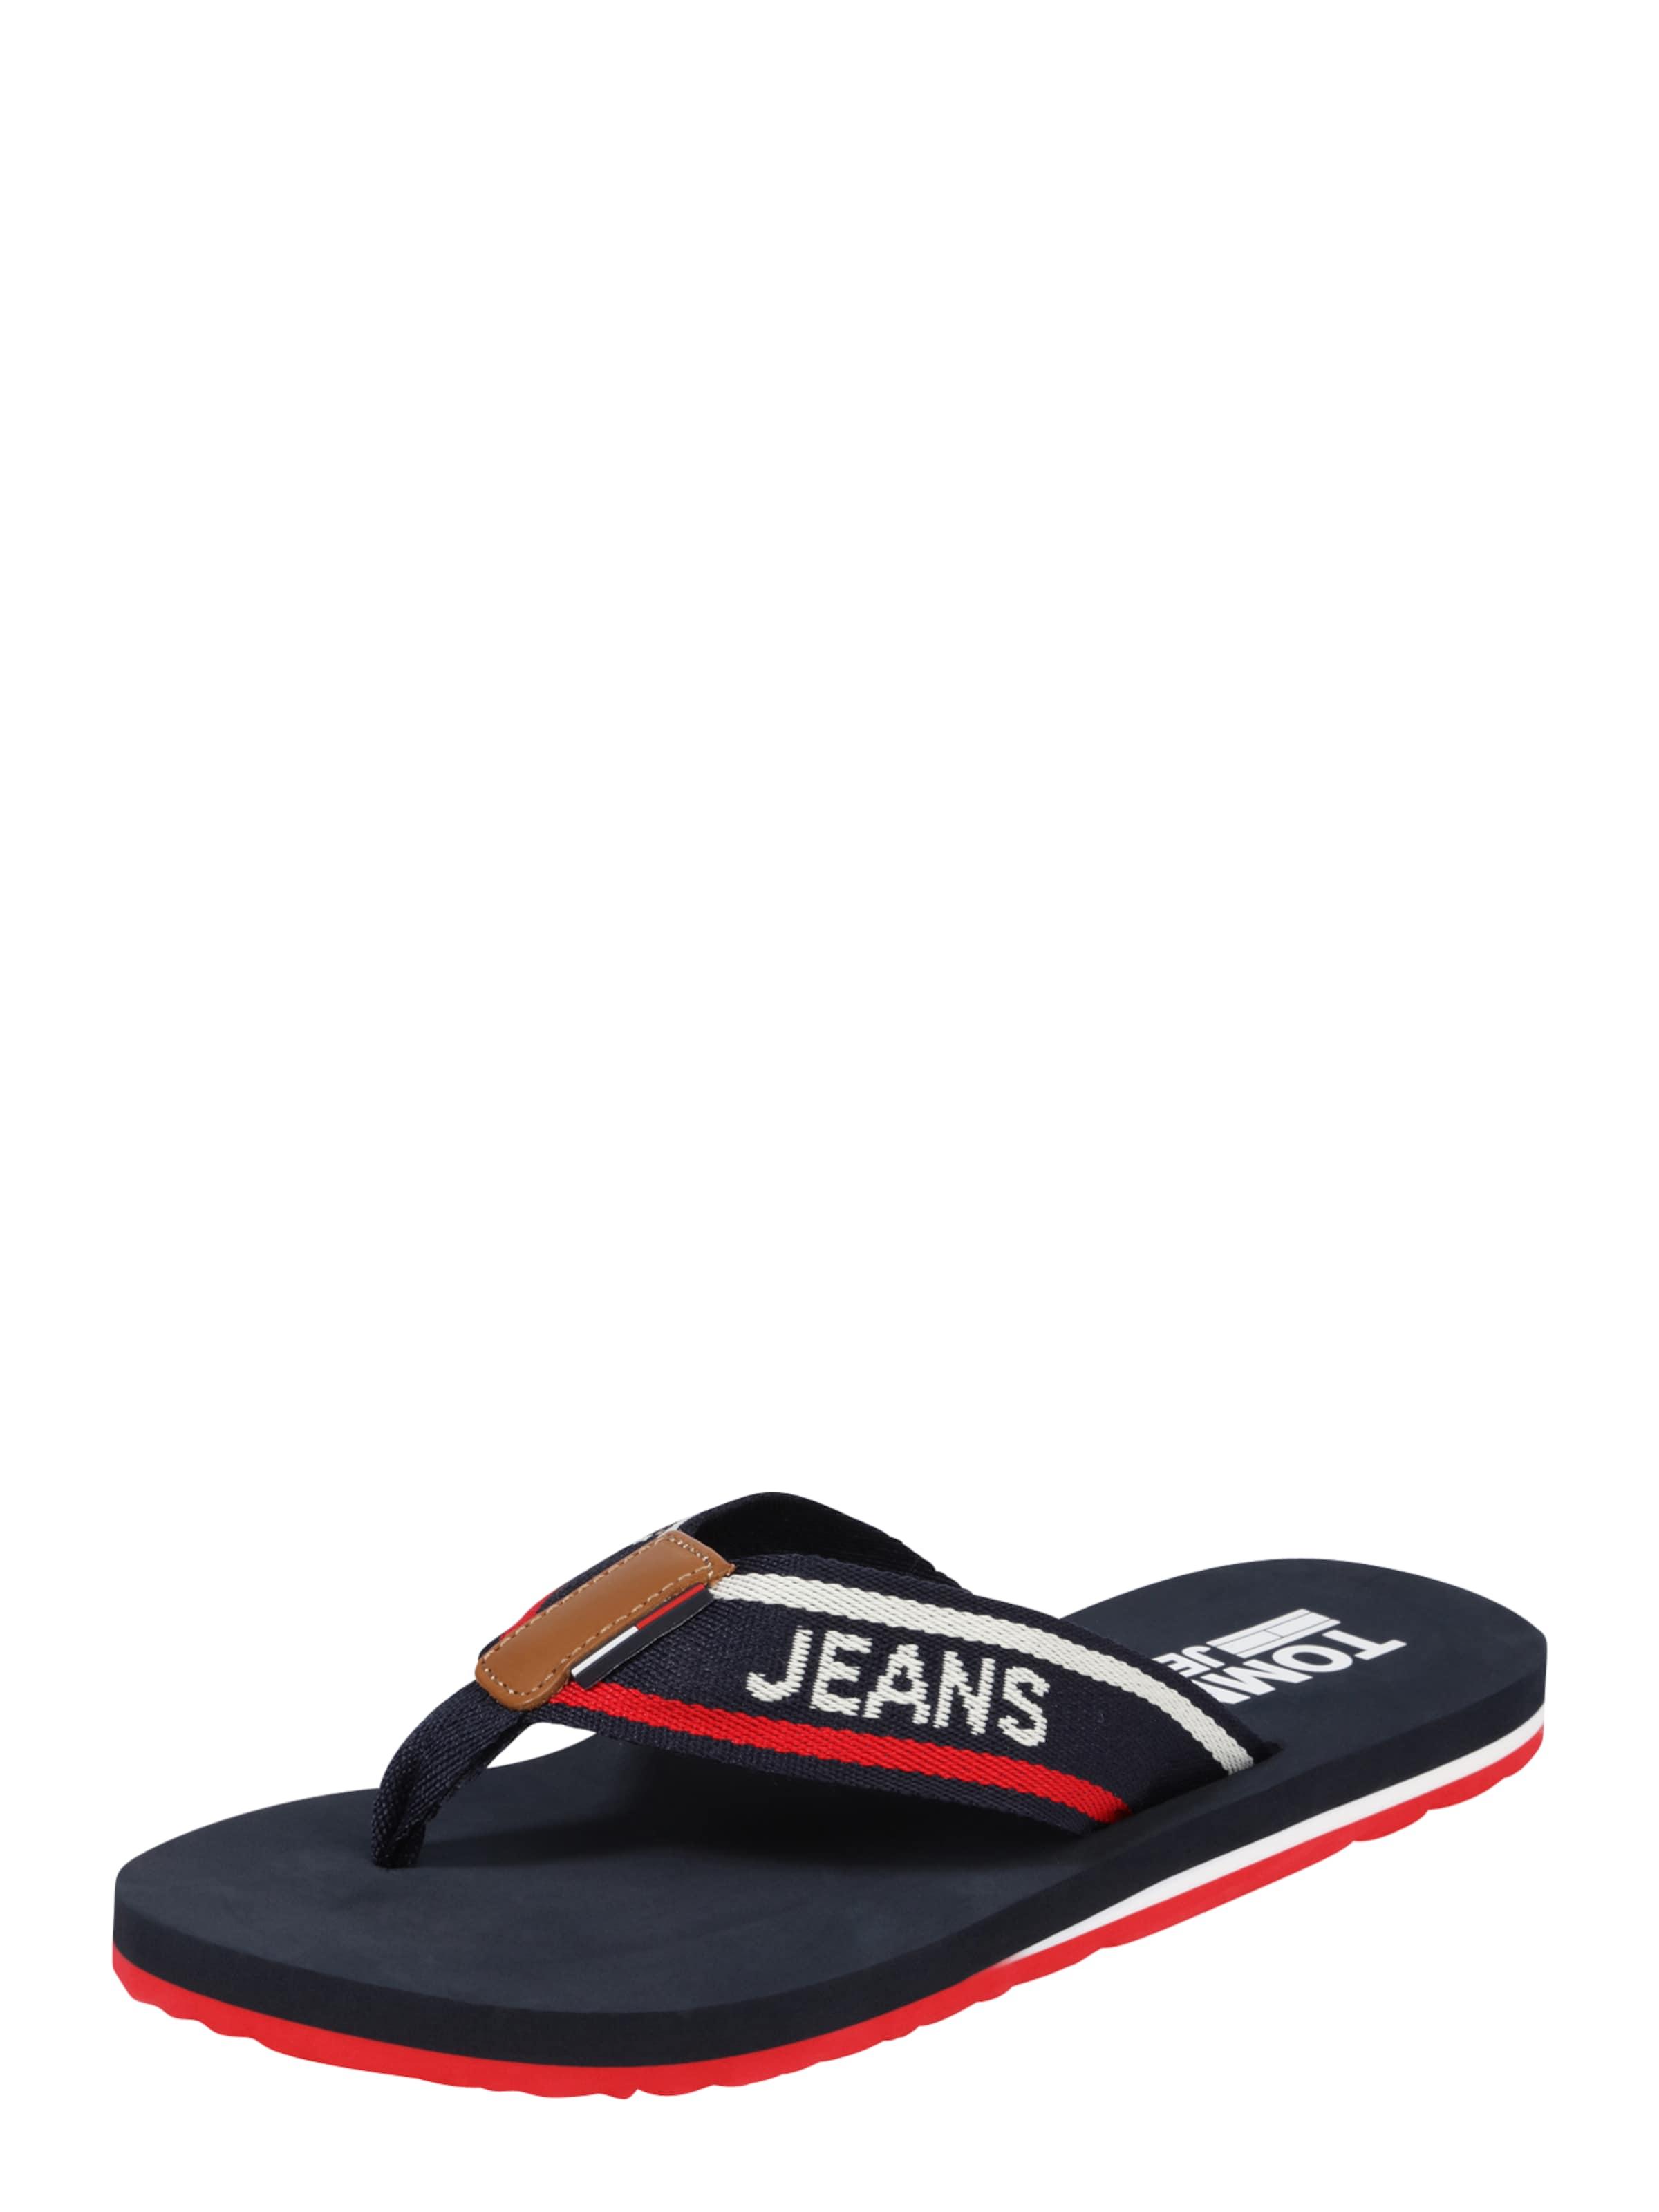 Haltbare Mode billige Schuhe Tommy Jeans | getragene Zehentrenner 'Beach' Schuhe Gut getragene | Schuhe 9a9ede